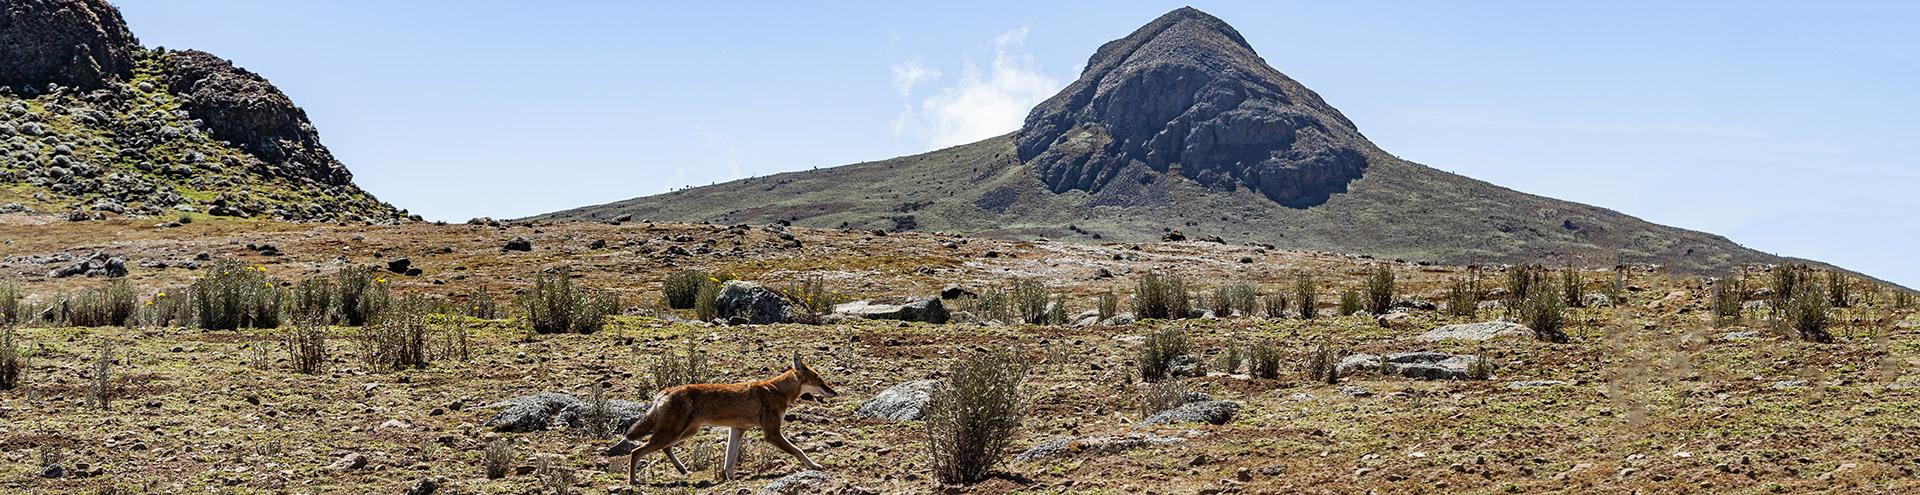 Das Bale-Gebirge in Äthiopien